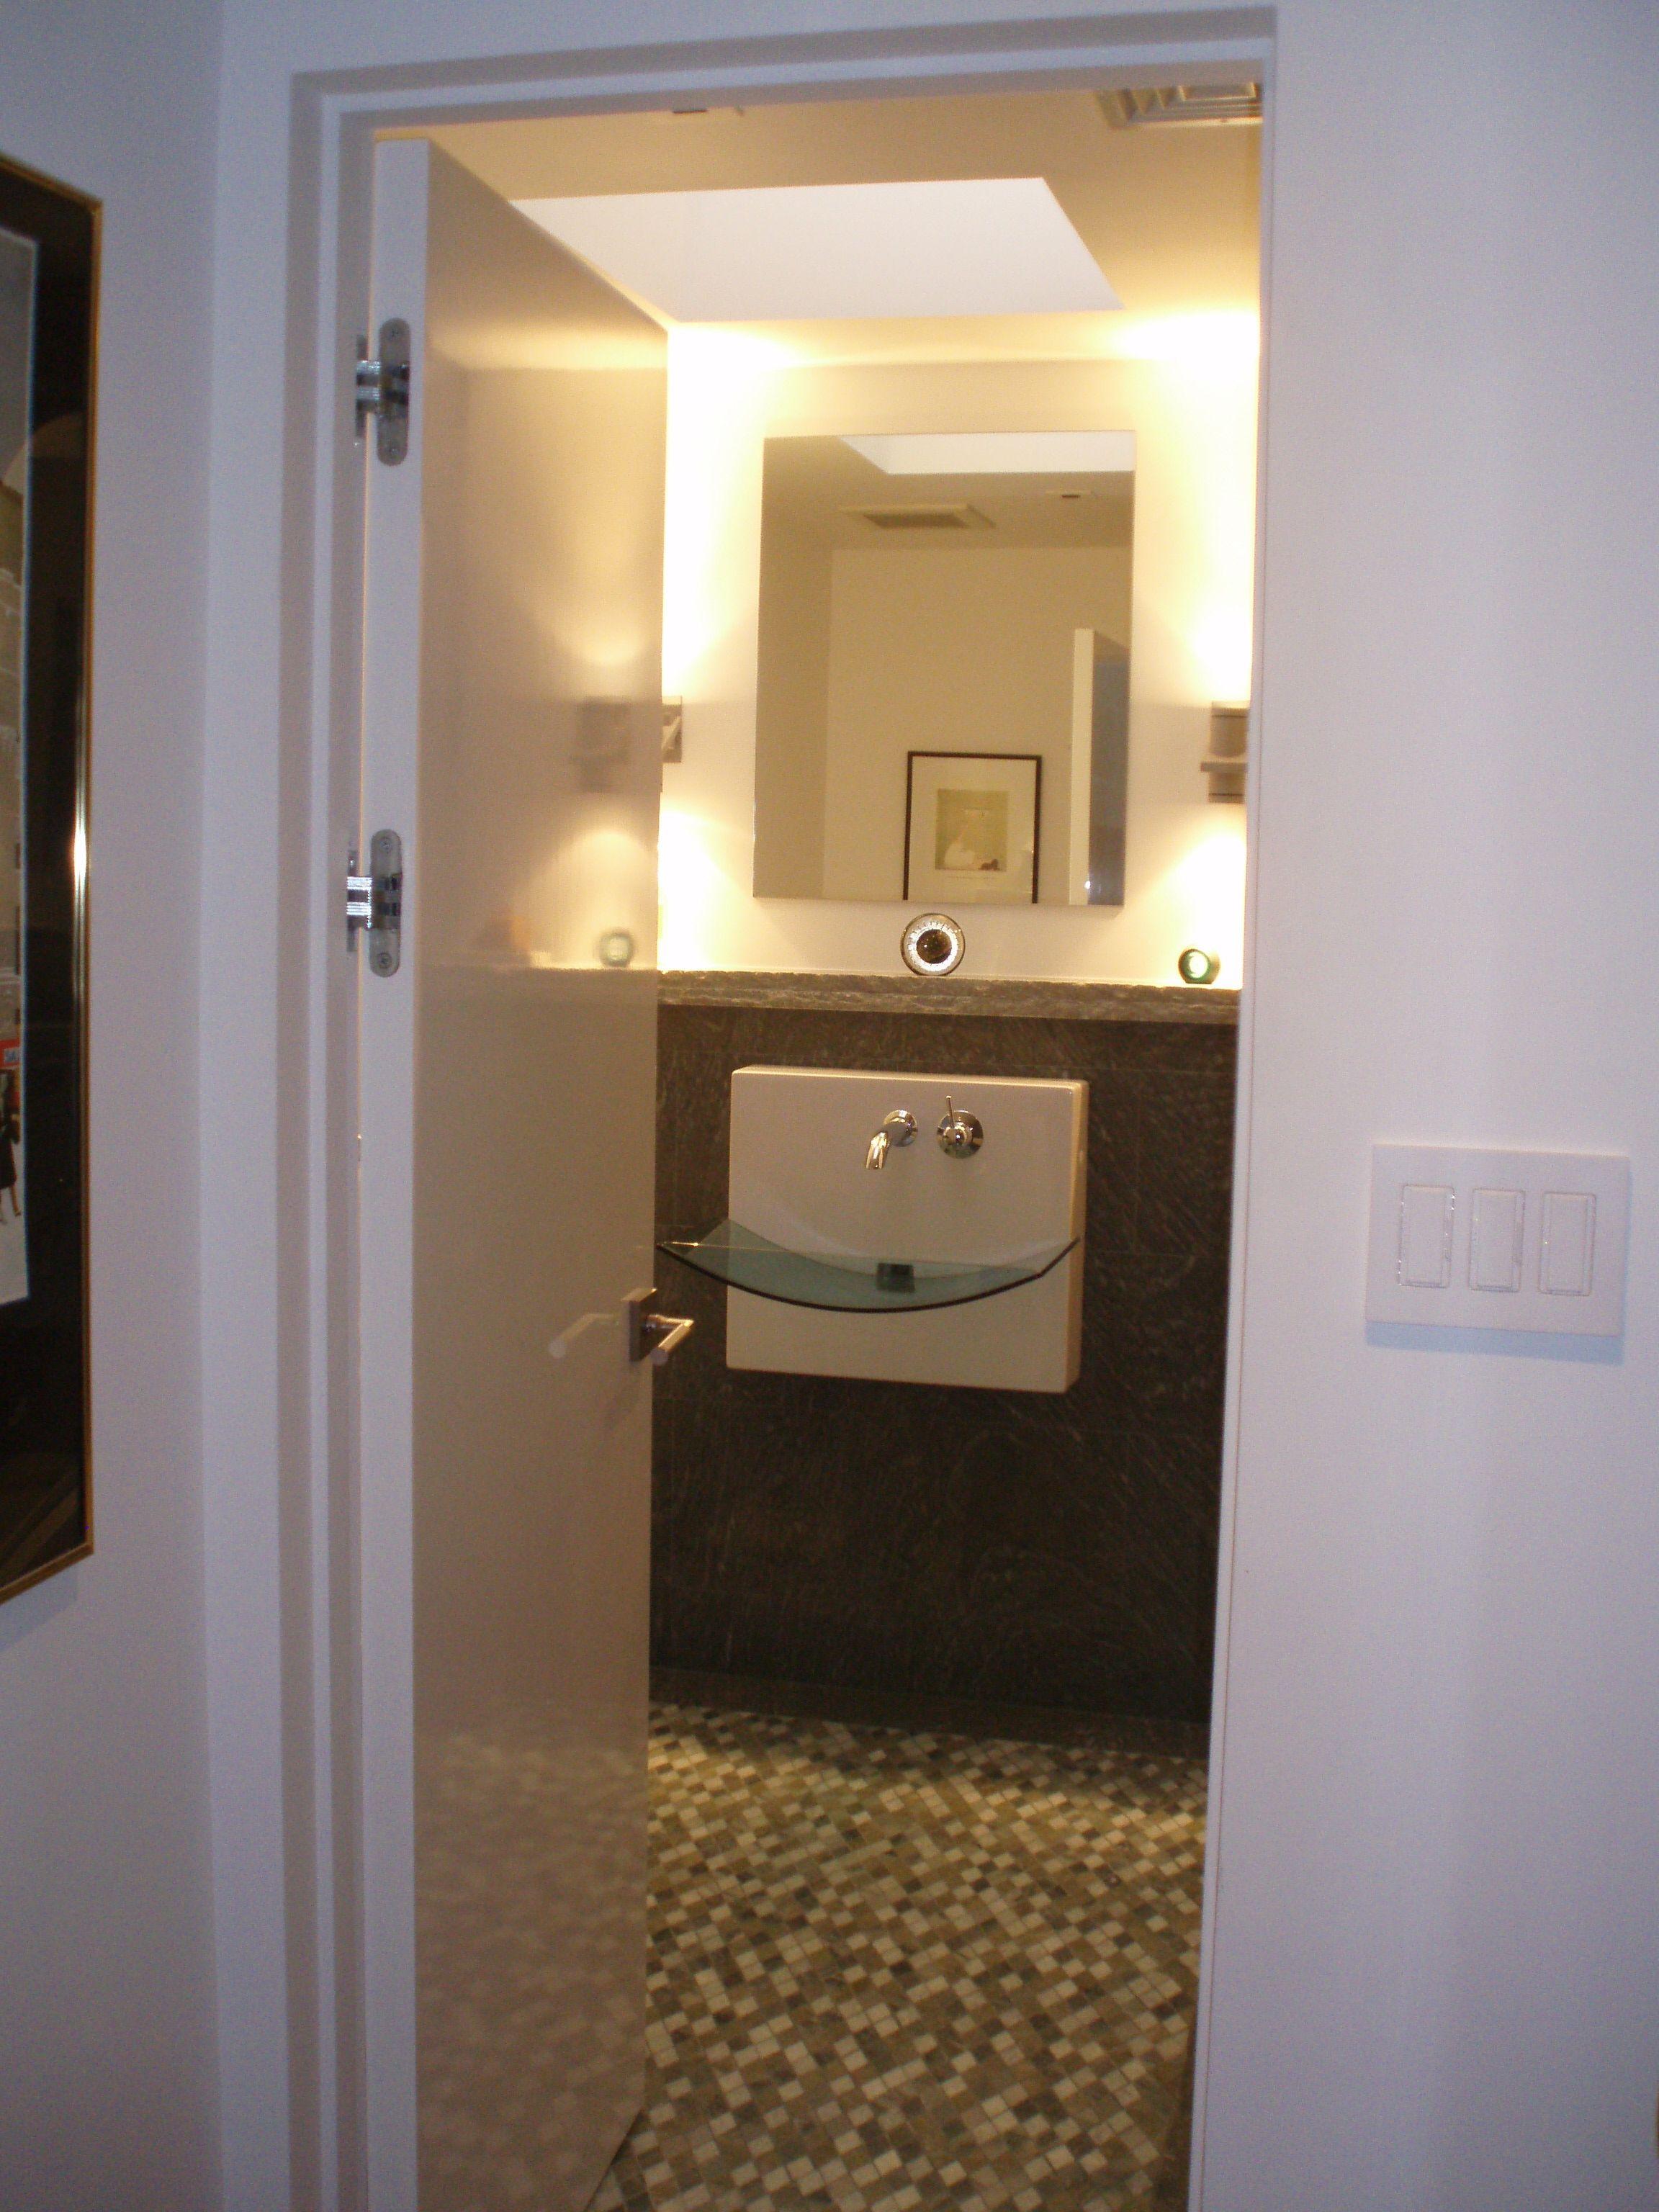 Ezy Jamb doorway into bathroom with concealed hinges